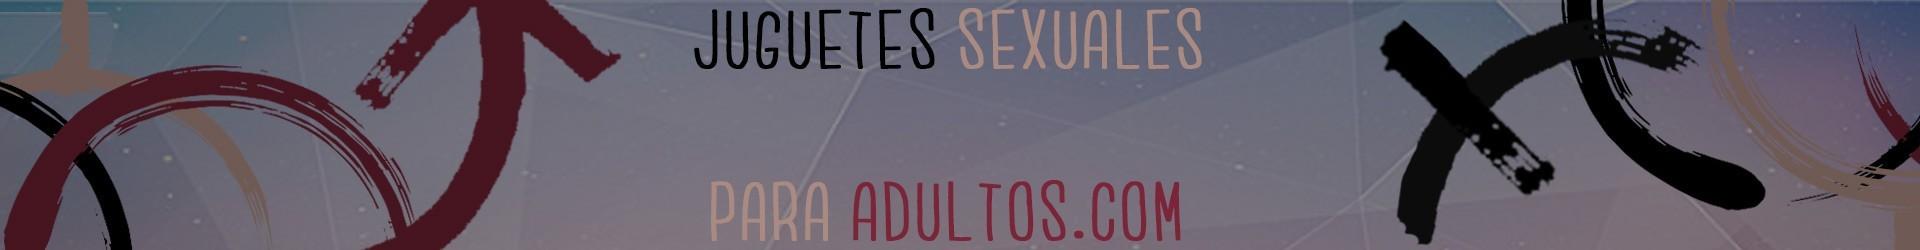 Penes de actores - Juguetes Sexuales para Adultos